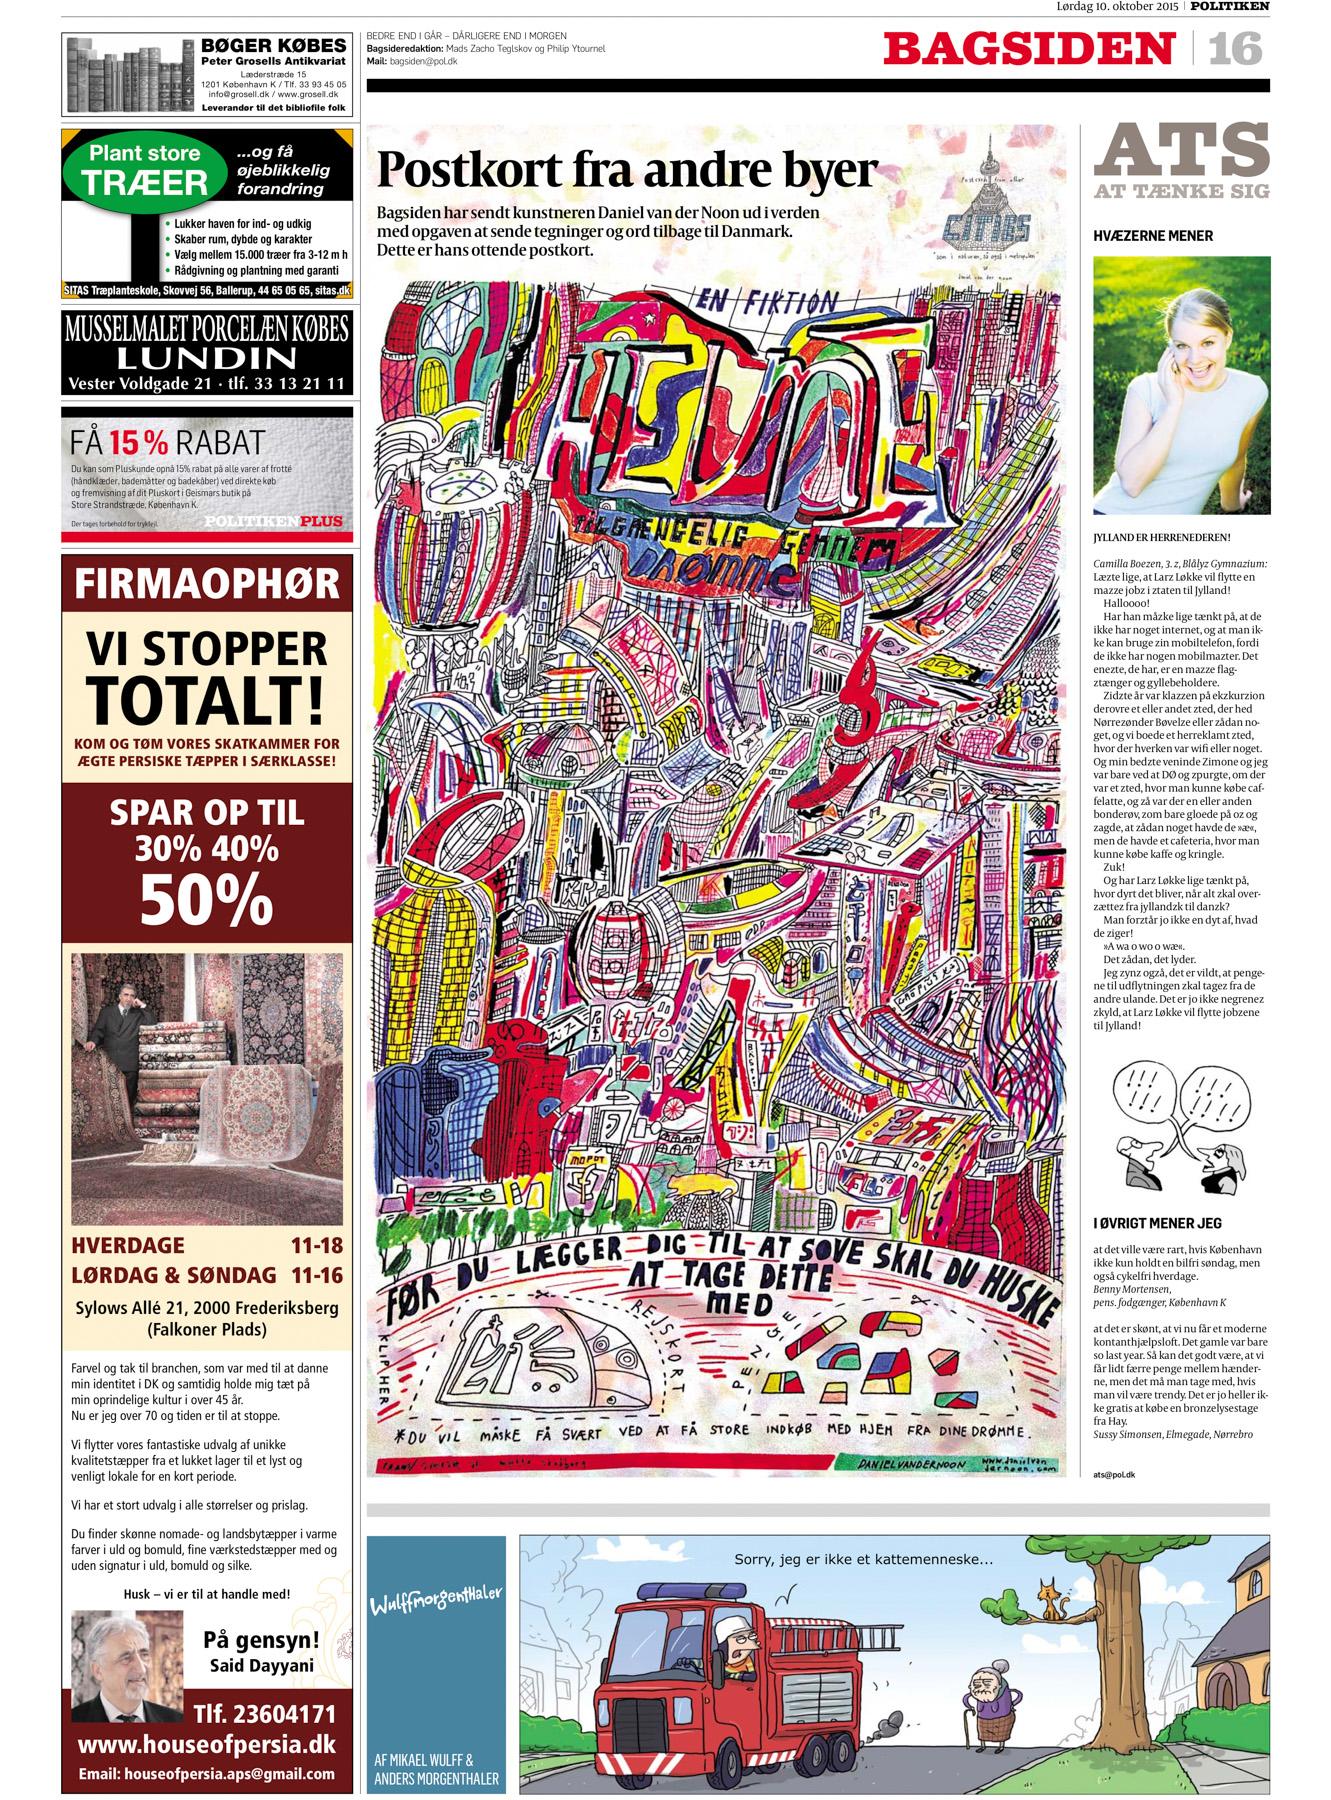 """""""Postkort Fra Andre Byer"""", POLITIKEN, 2015"""